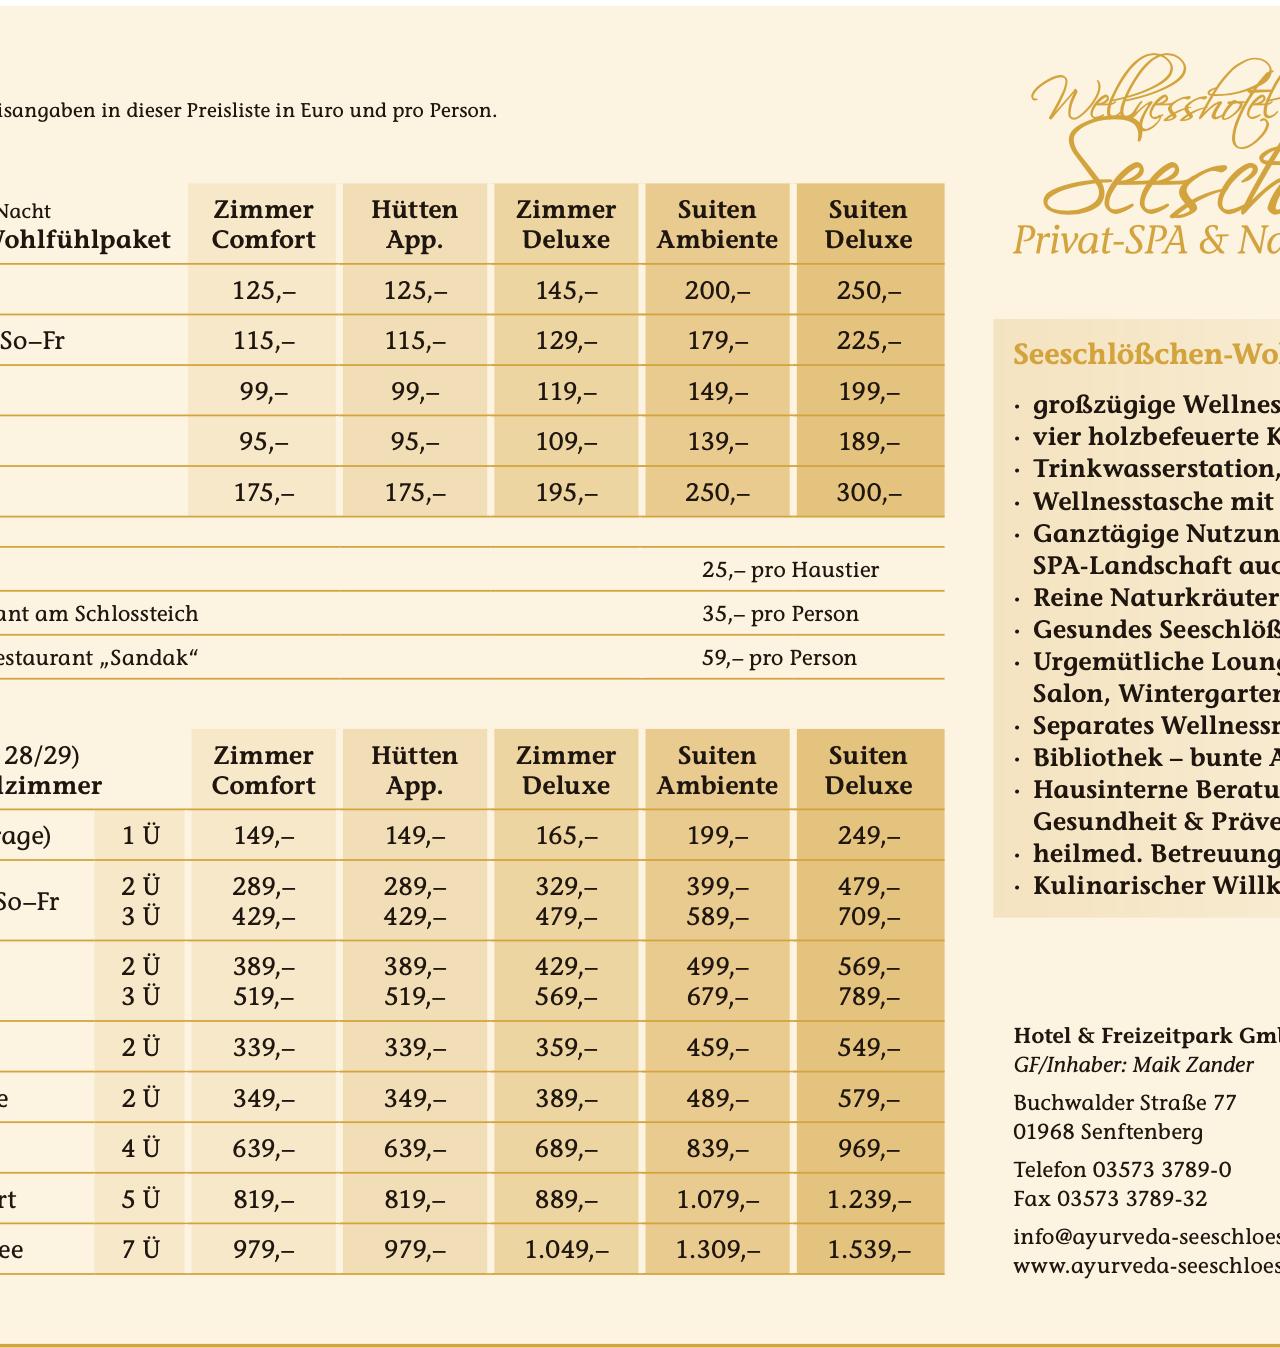 Preisliste des Wellnesshotels Seeschlößchen